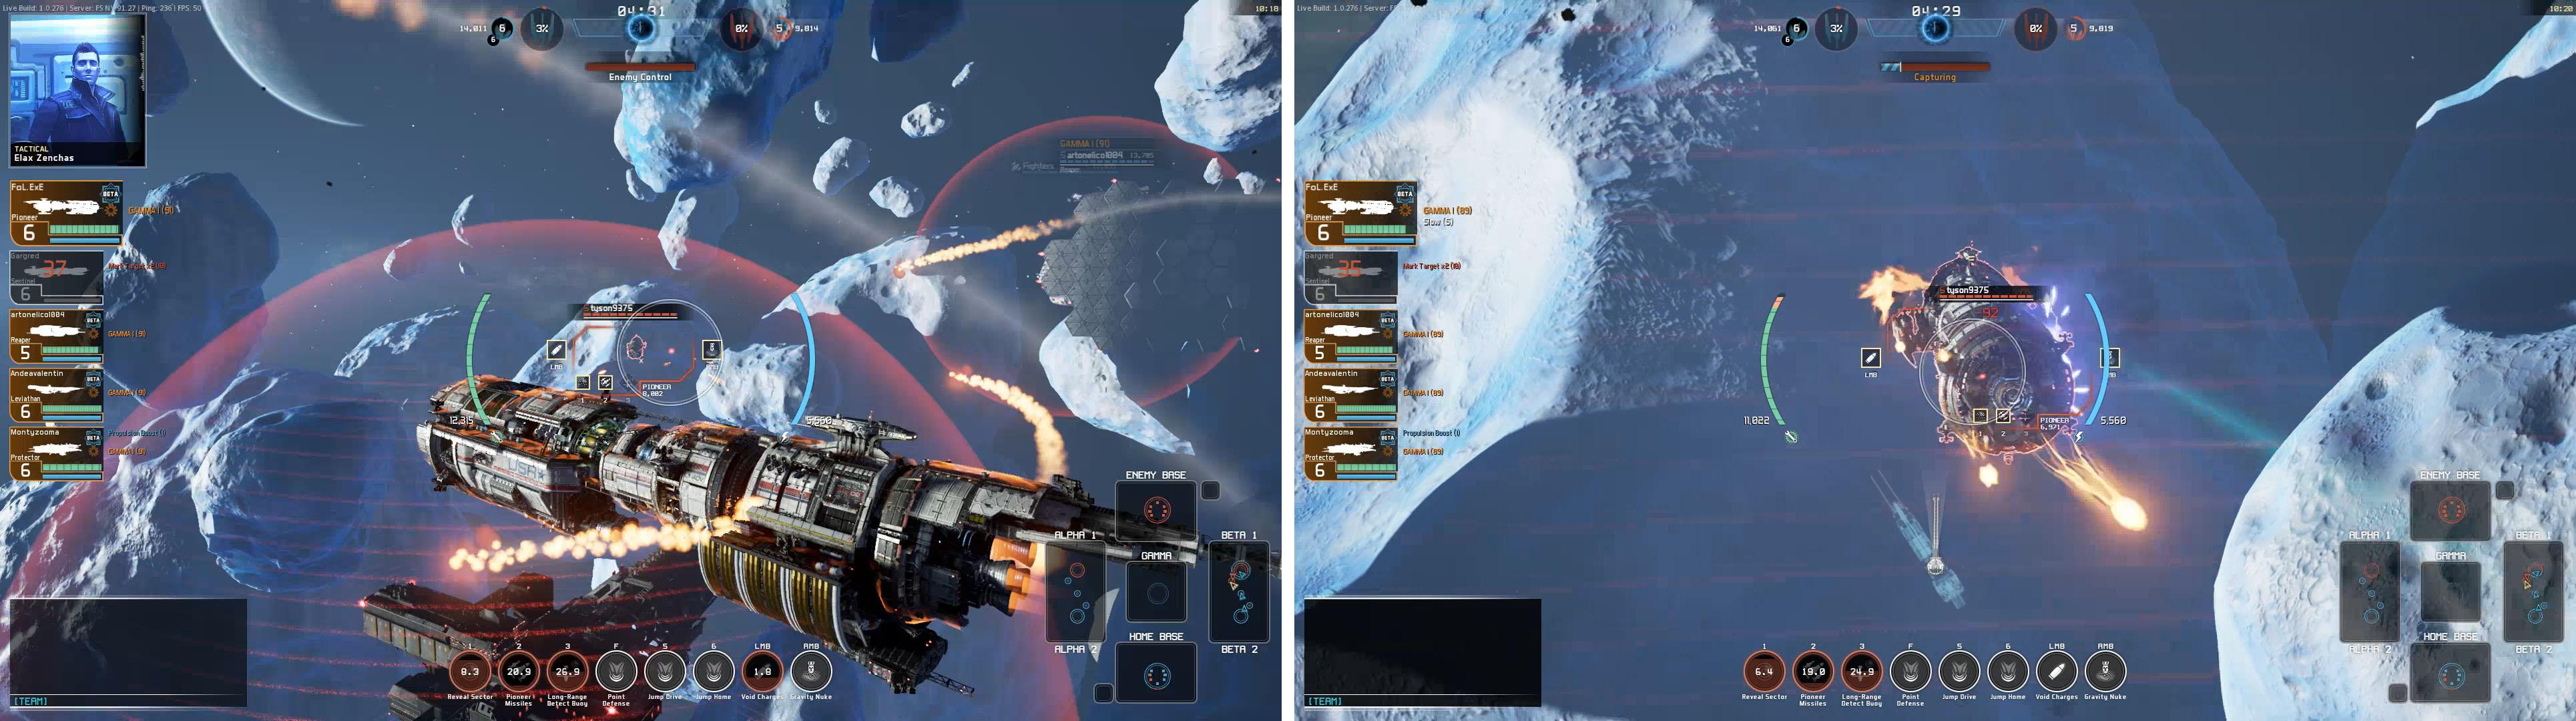 画像左:通常時のTPSモード。画面右:スナイパーモード。画面左では豆粒のよう敵艦も画面右のように拡大でき、偏差射撃にかかせない敵の移動方向すなわち船首の向きがわかる。集弾性は「画面に対する照準枠の大きさ」で決まるため、スナイパーモードは集弾性が高い。至近距離でないかぎり、どの距離でもスナイパーモードで攻撃すべし。